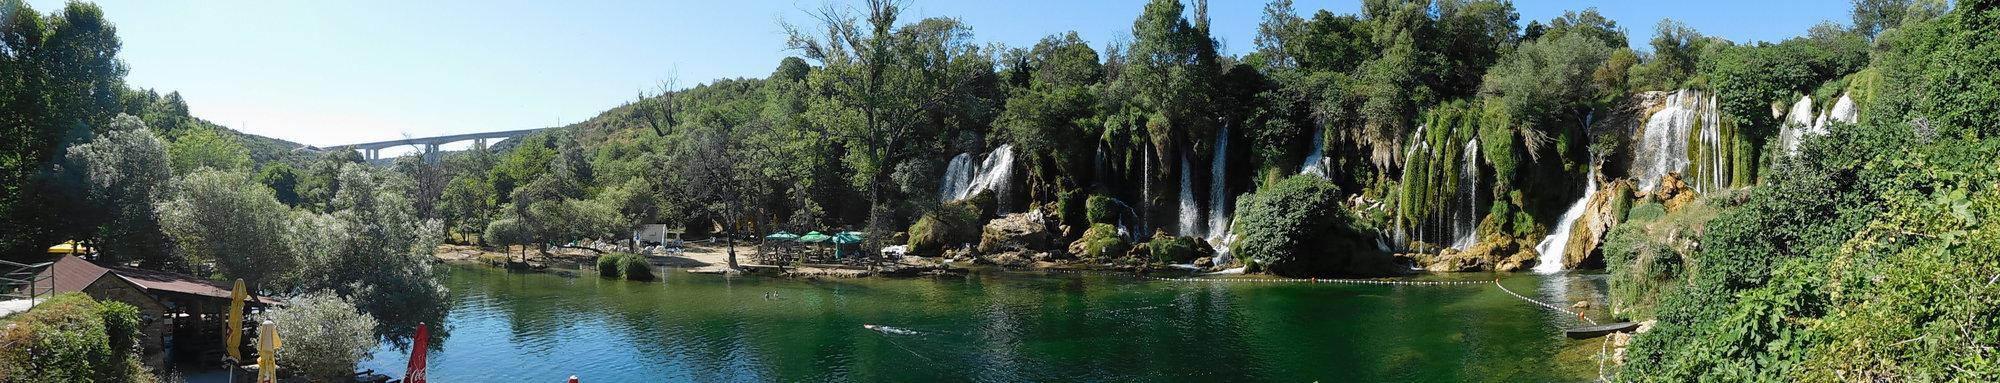 Водопады Кравица